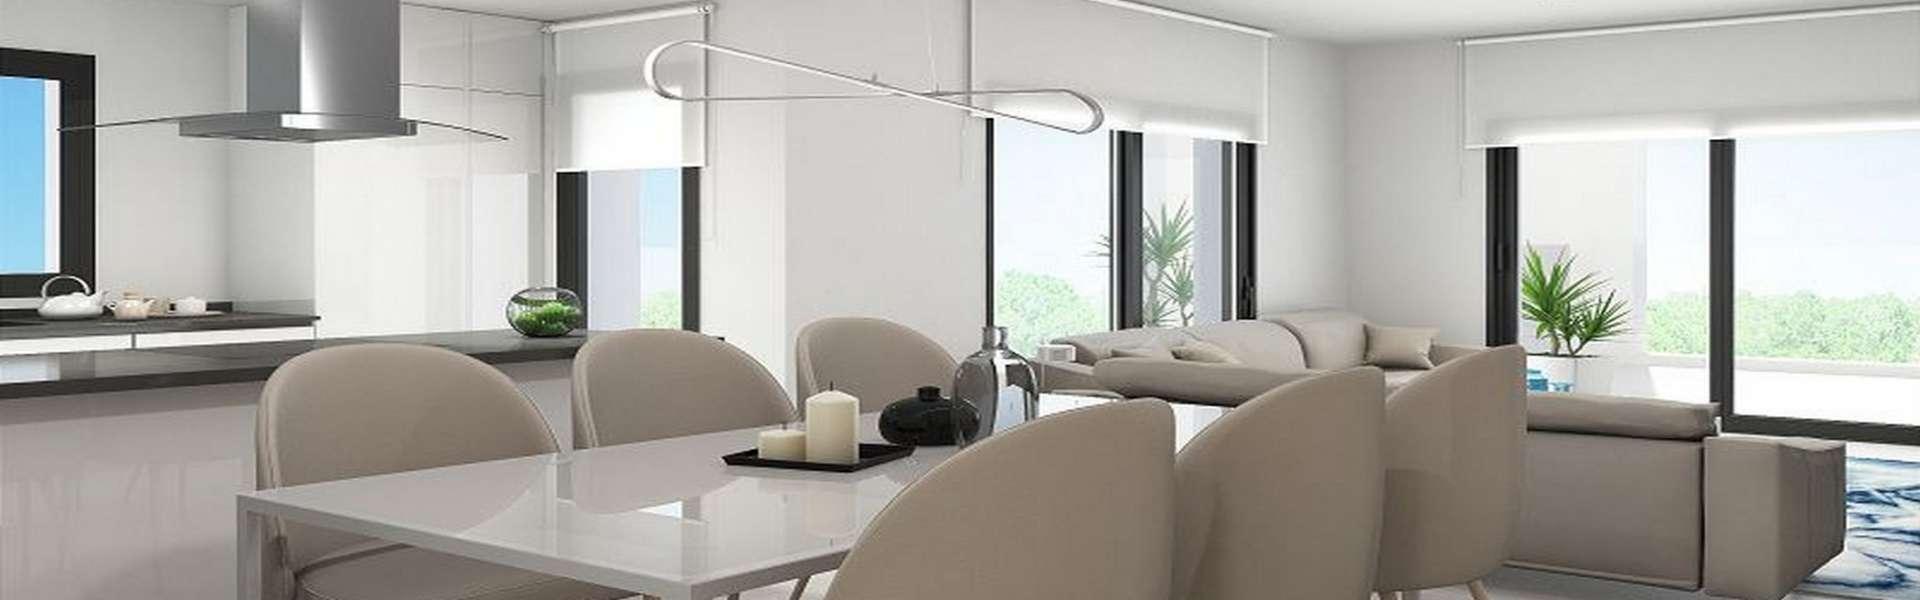 Exklusive Penthousewohnungen in Portocolom zum Verkauf